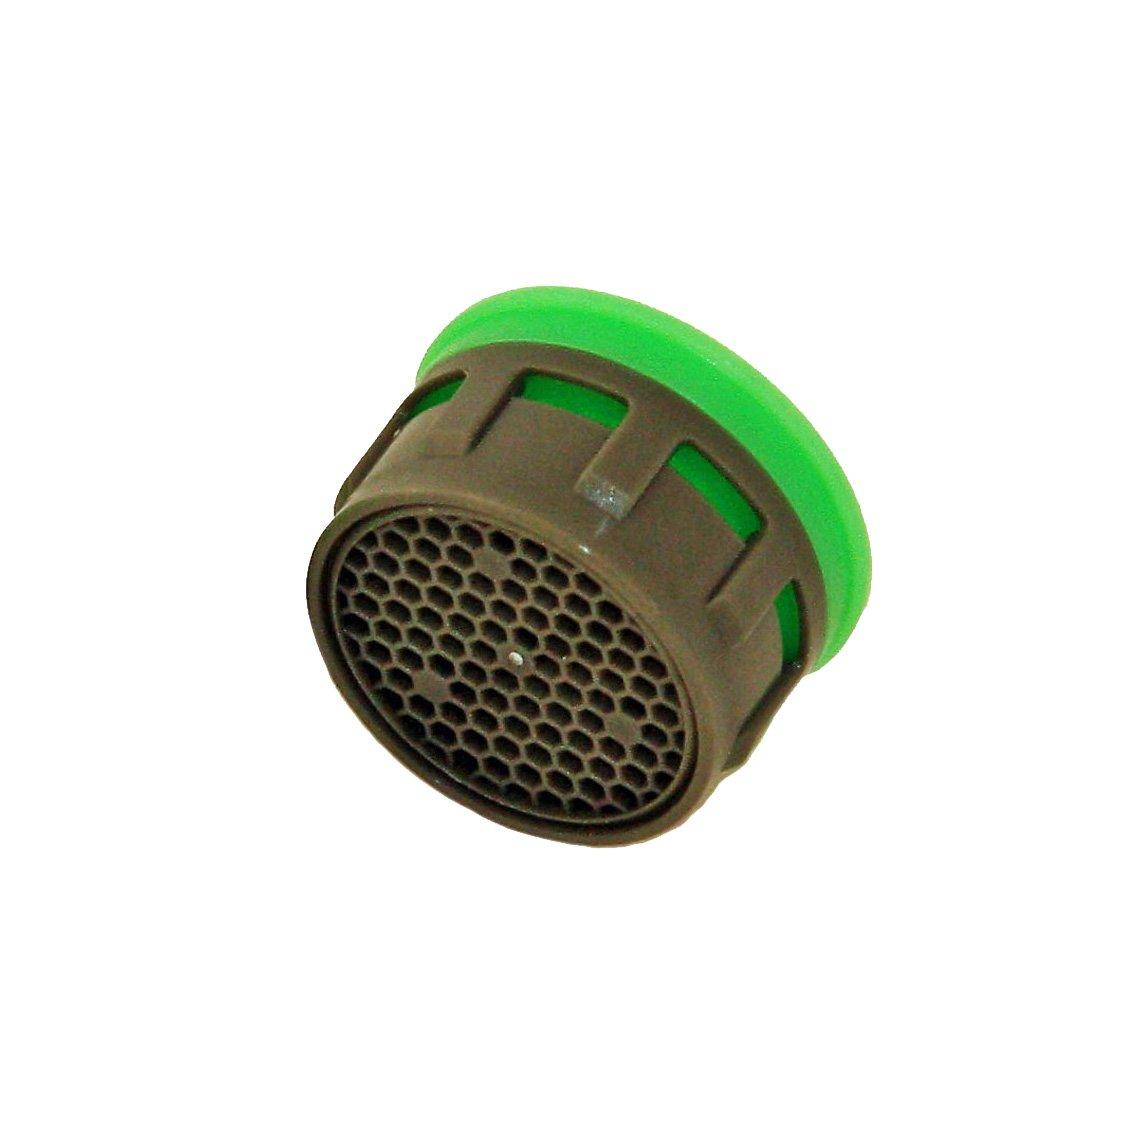 10er-Pack Neoperl Honeycomb Perlator Spar-Strahlregler Einsatz Grö ß e 22/24 - 9 Liter / Minute